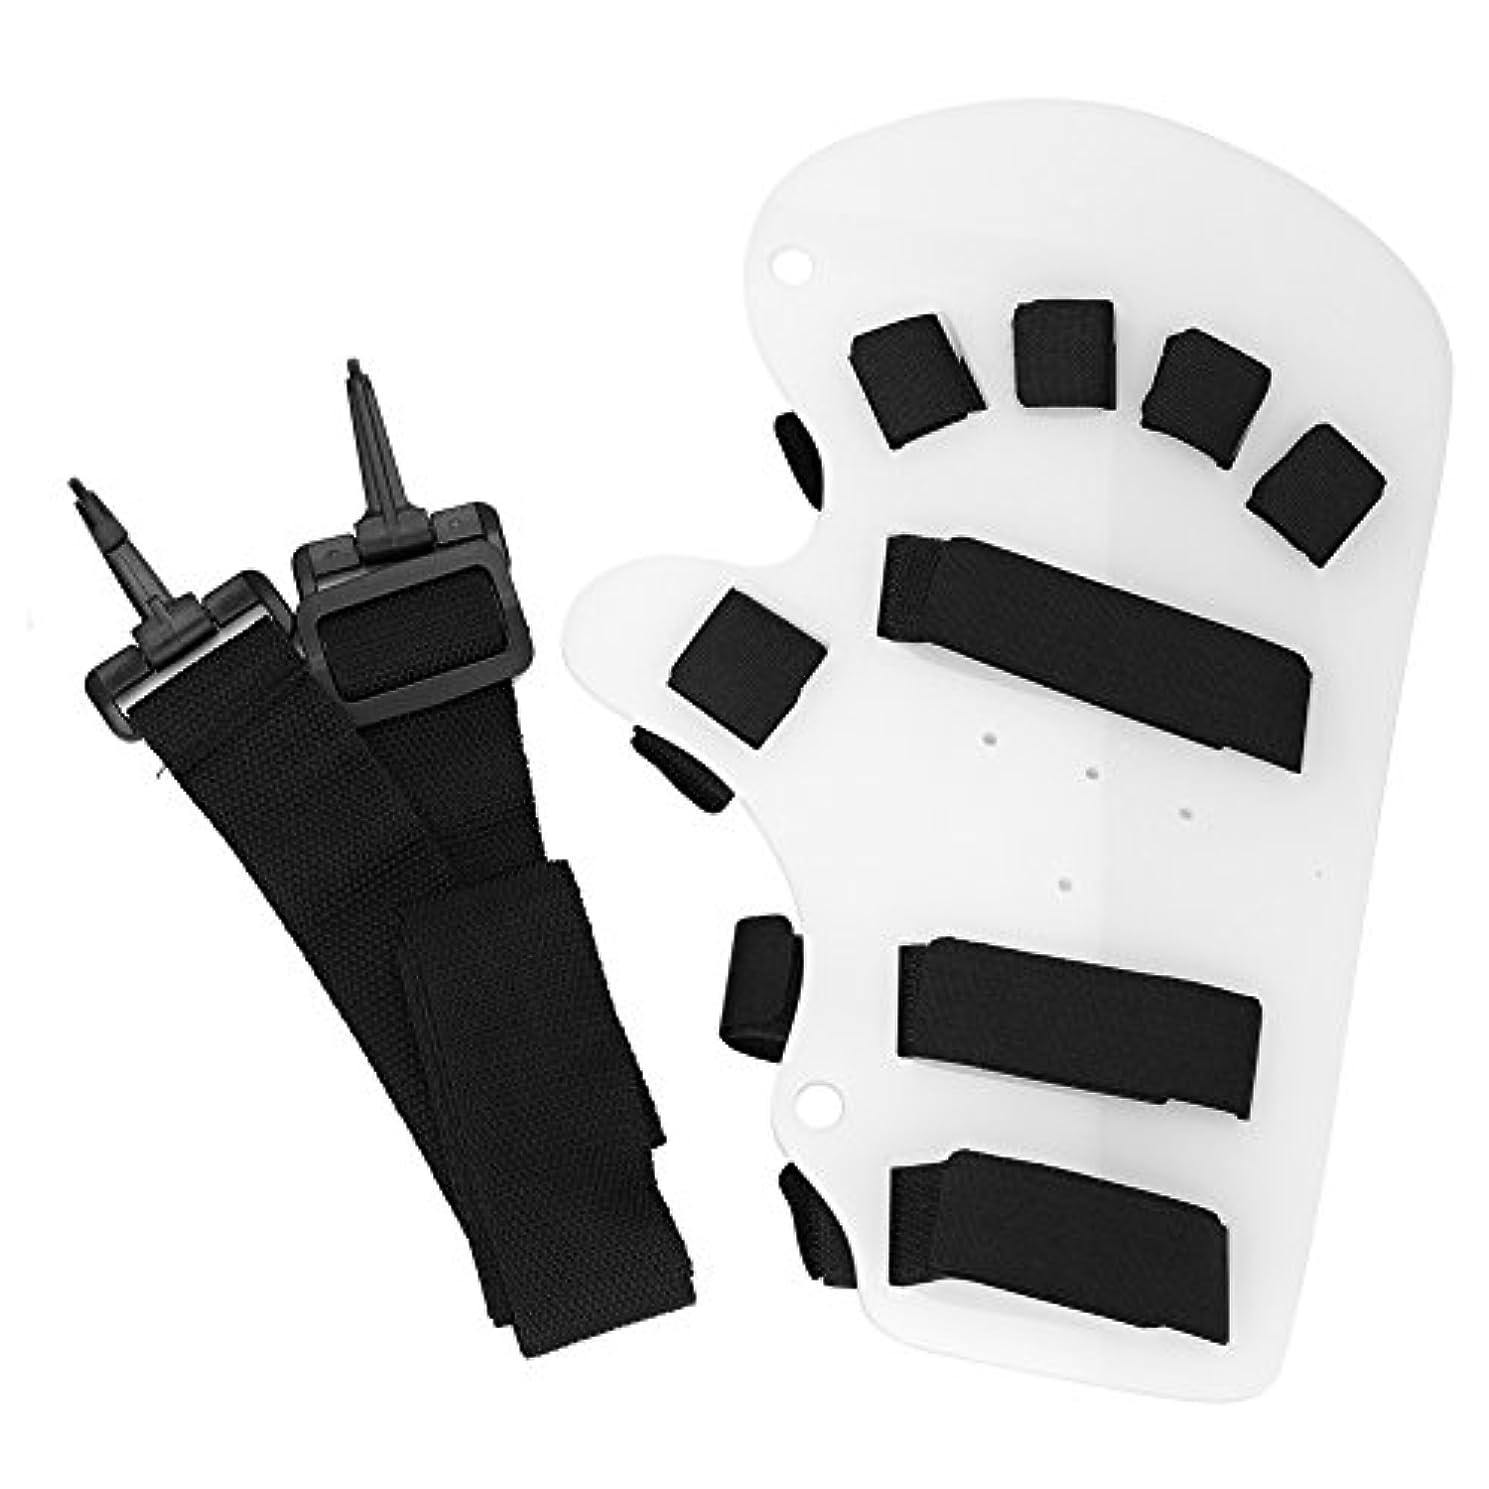 流すフィード教えてフィンガートレーニング装置 手指用ストレッチボード 指指を伸ばして 指の訓練装置 指矯正 麻痺指の矯正肢/脳卒中/外傷性脳損傷